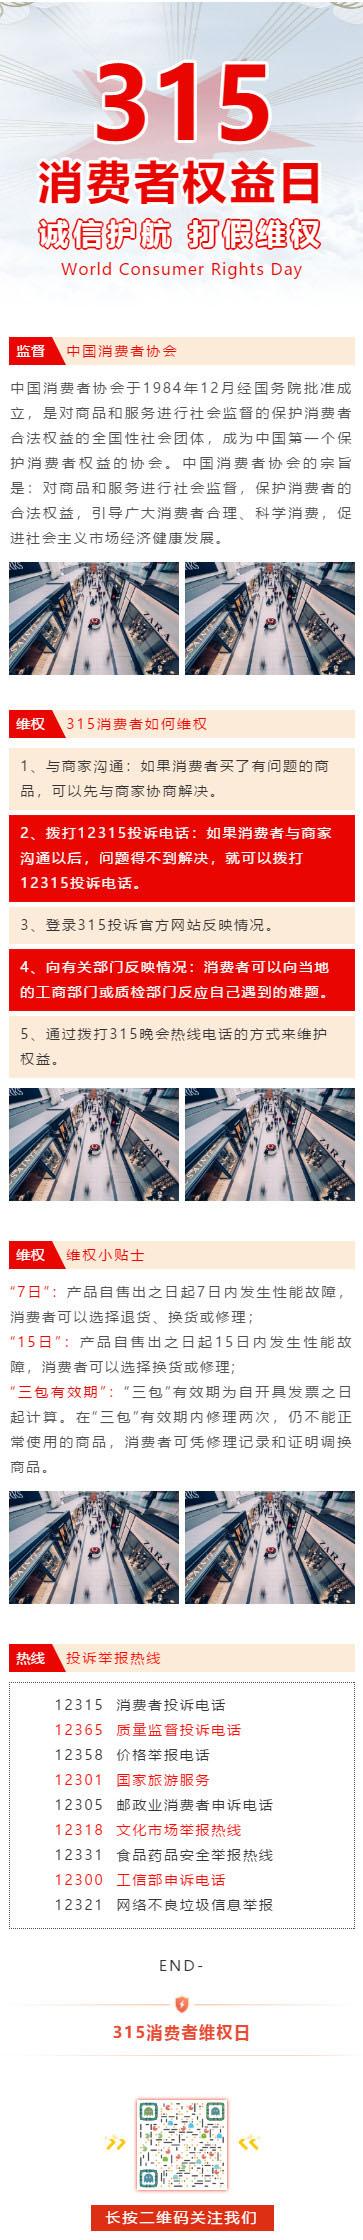 微信315 消费者权益日公众号推送图文模板推文素材红色风格